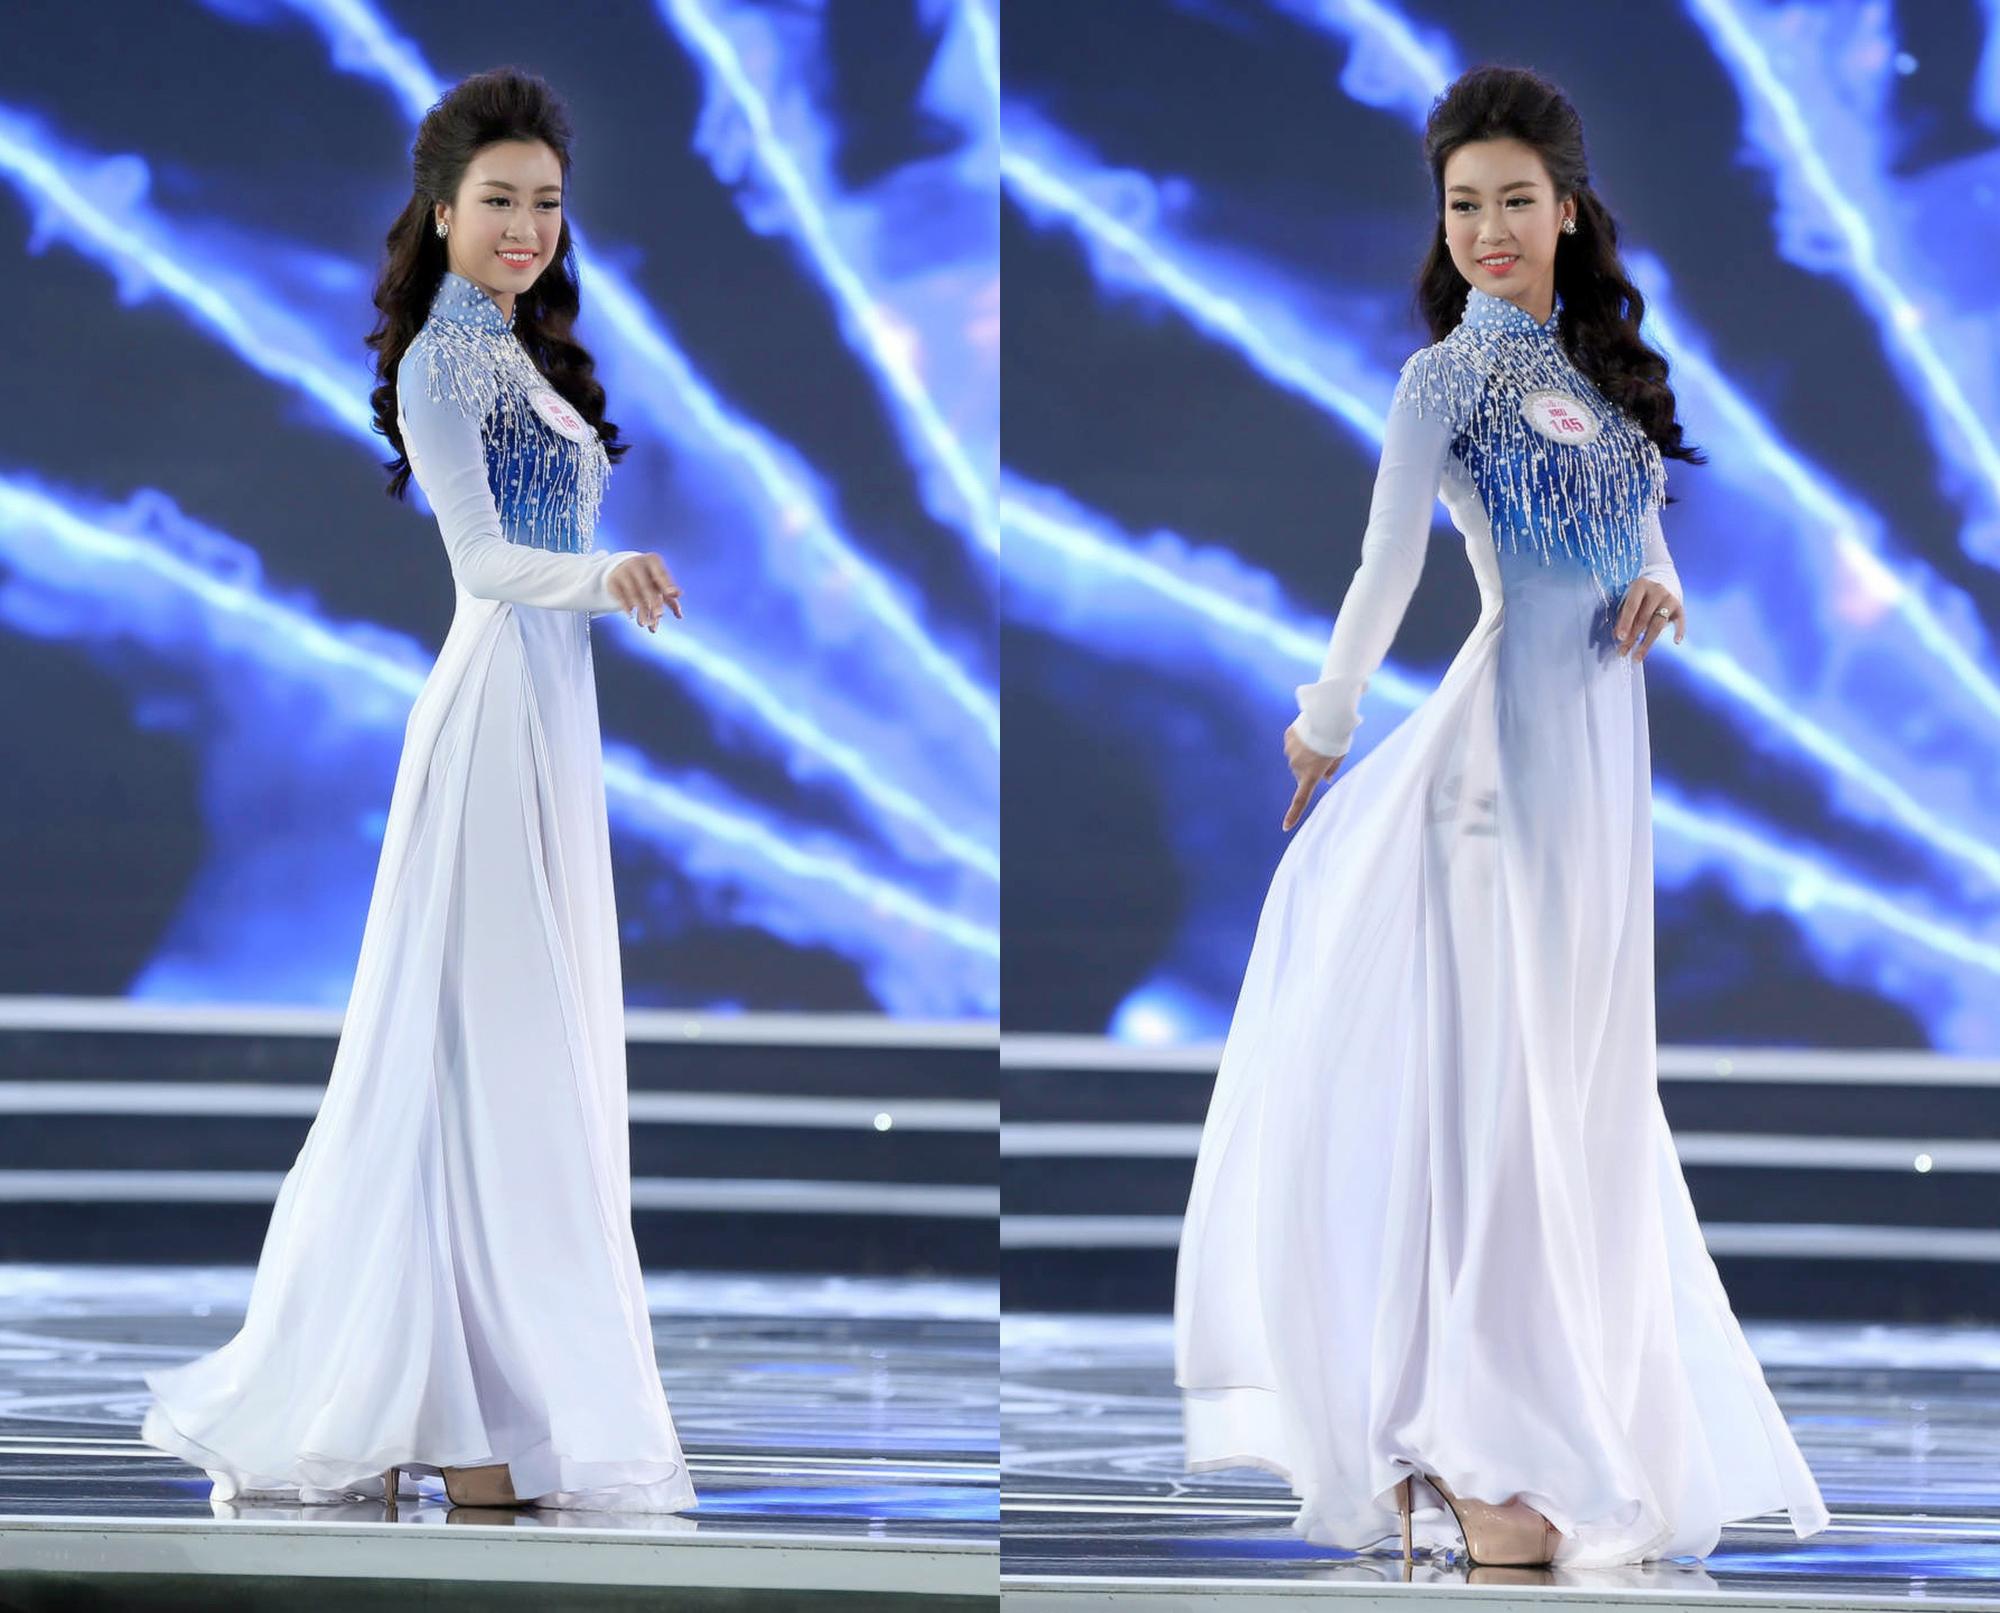 Đỗ Mỹ Linh tỏa sáng trong trang phục áo dài của NTK Ngô Nhật Huy